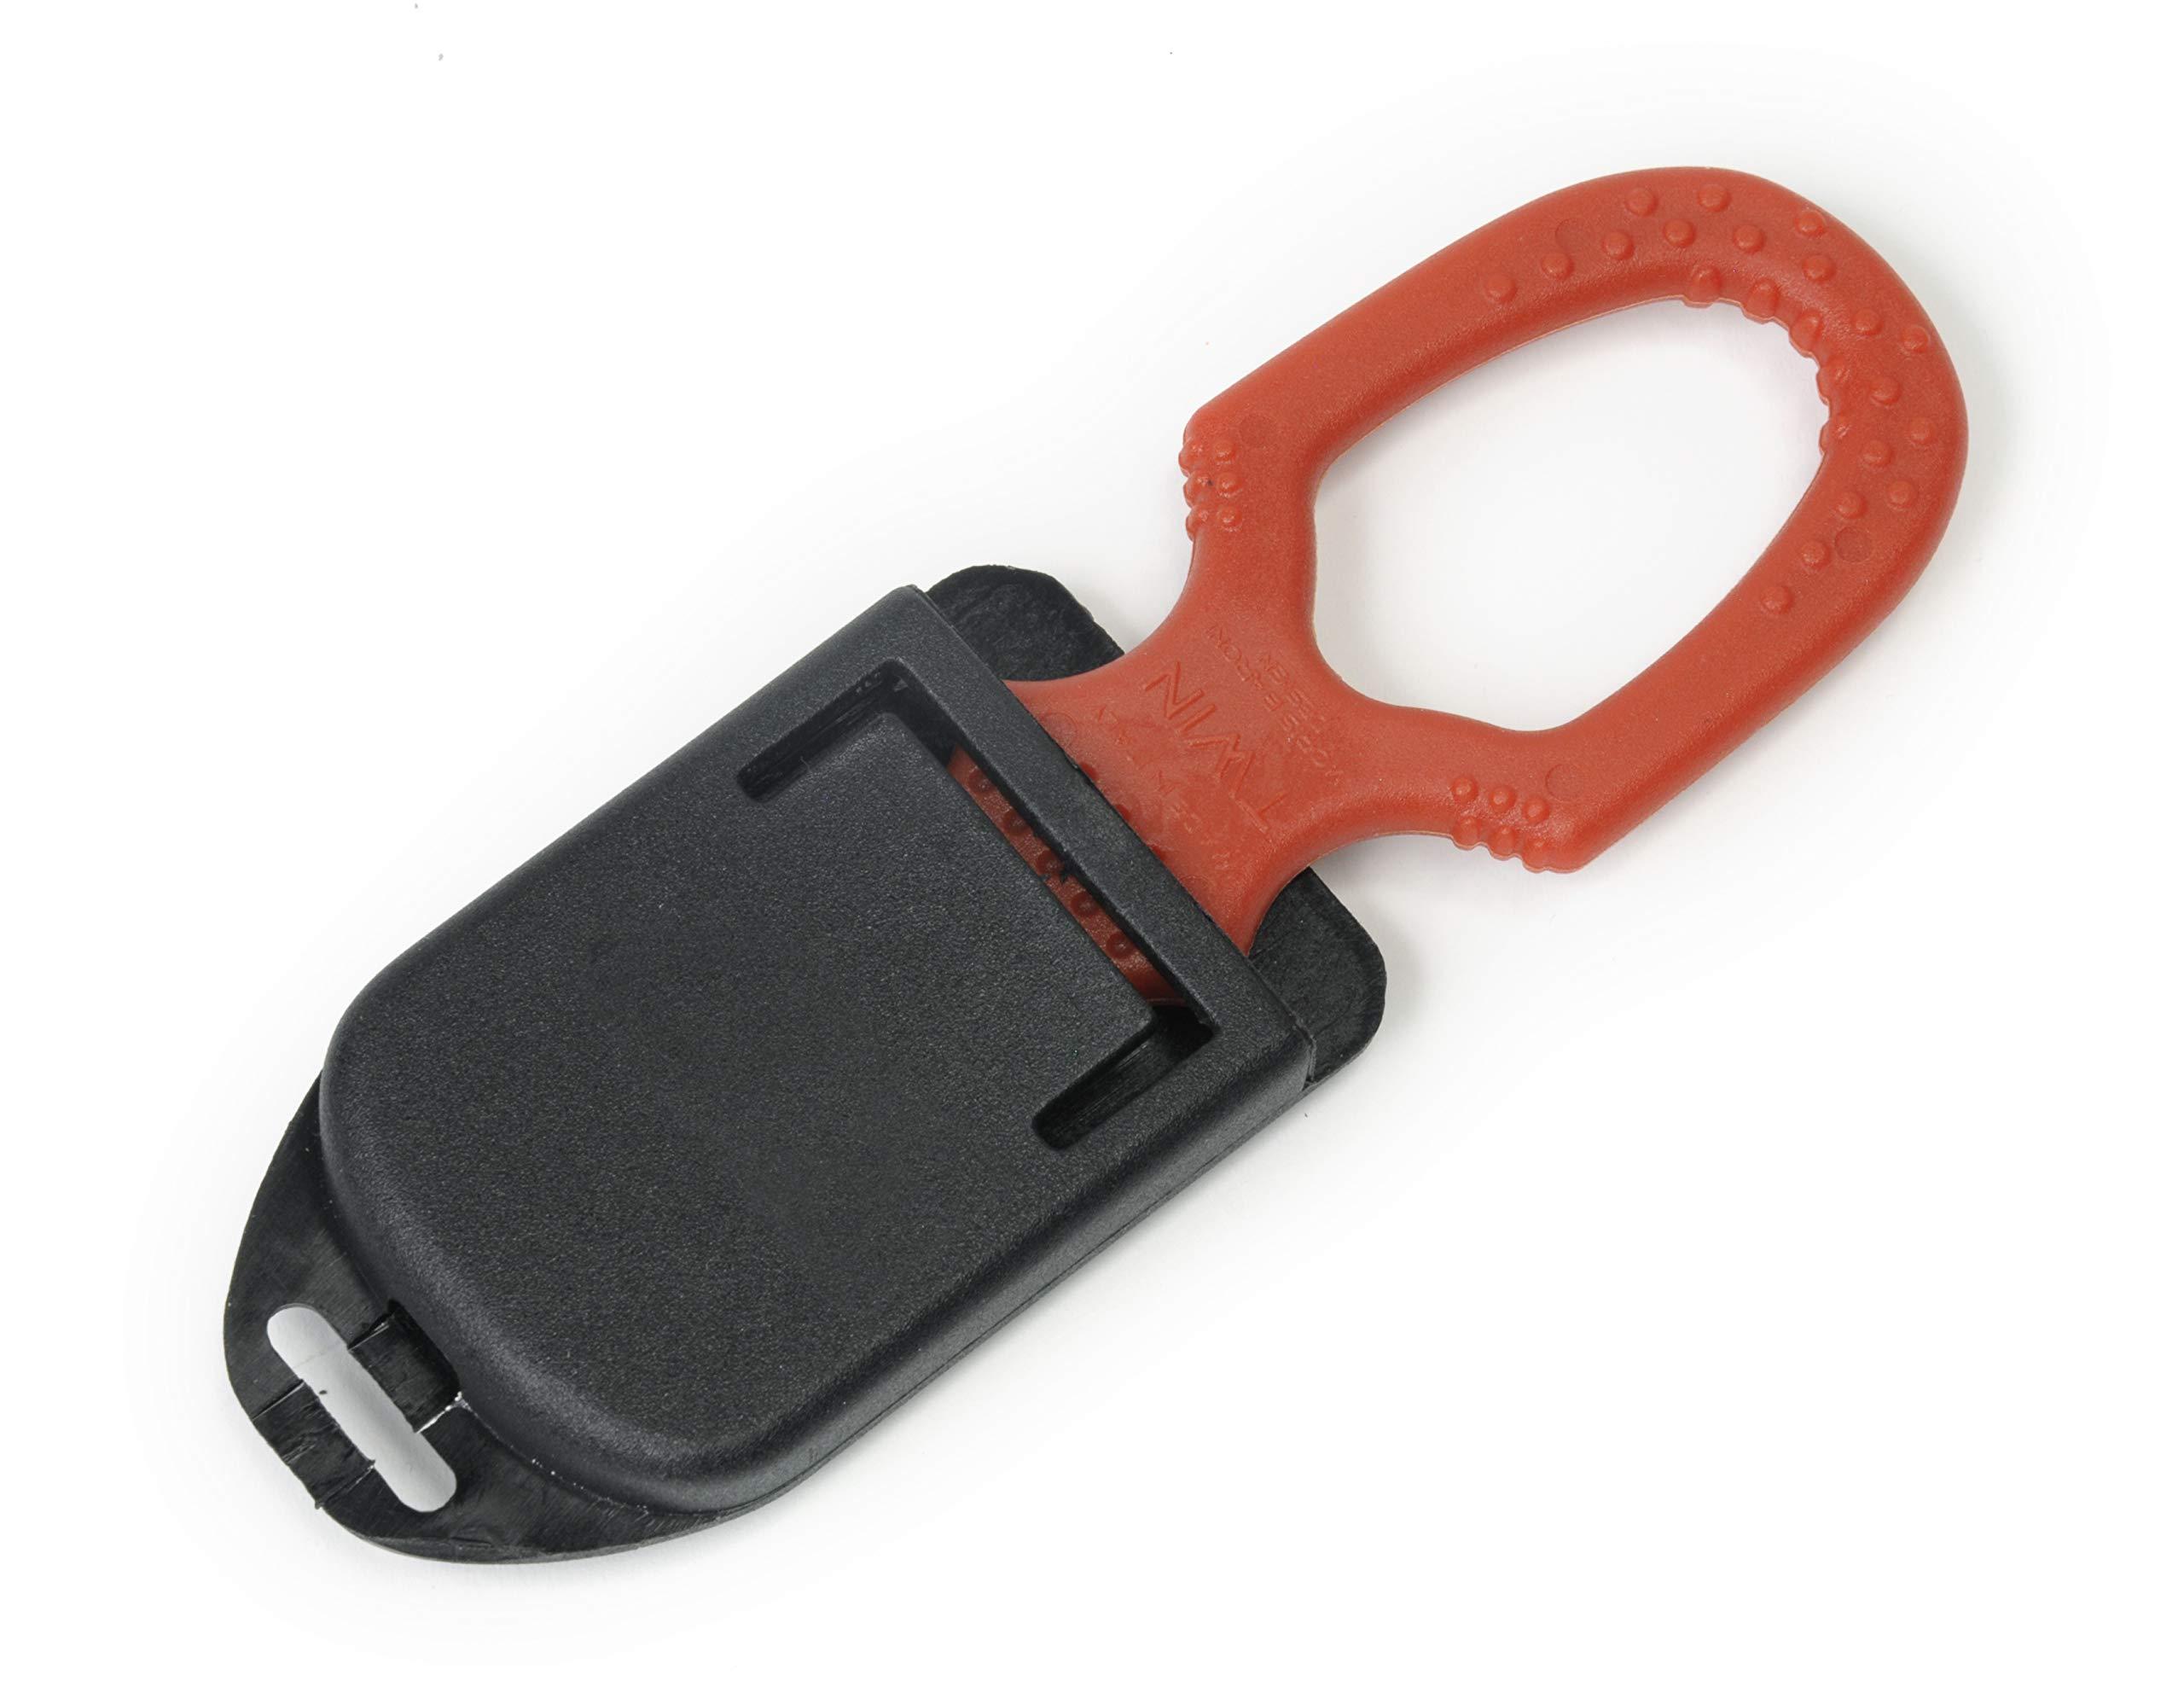 /Miniconcorde acciaio inossidabile SALVIMAR AC025/